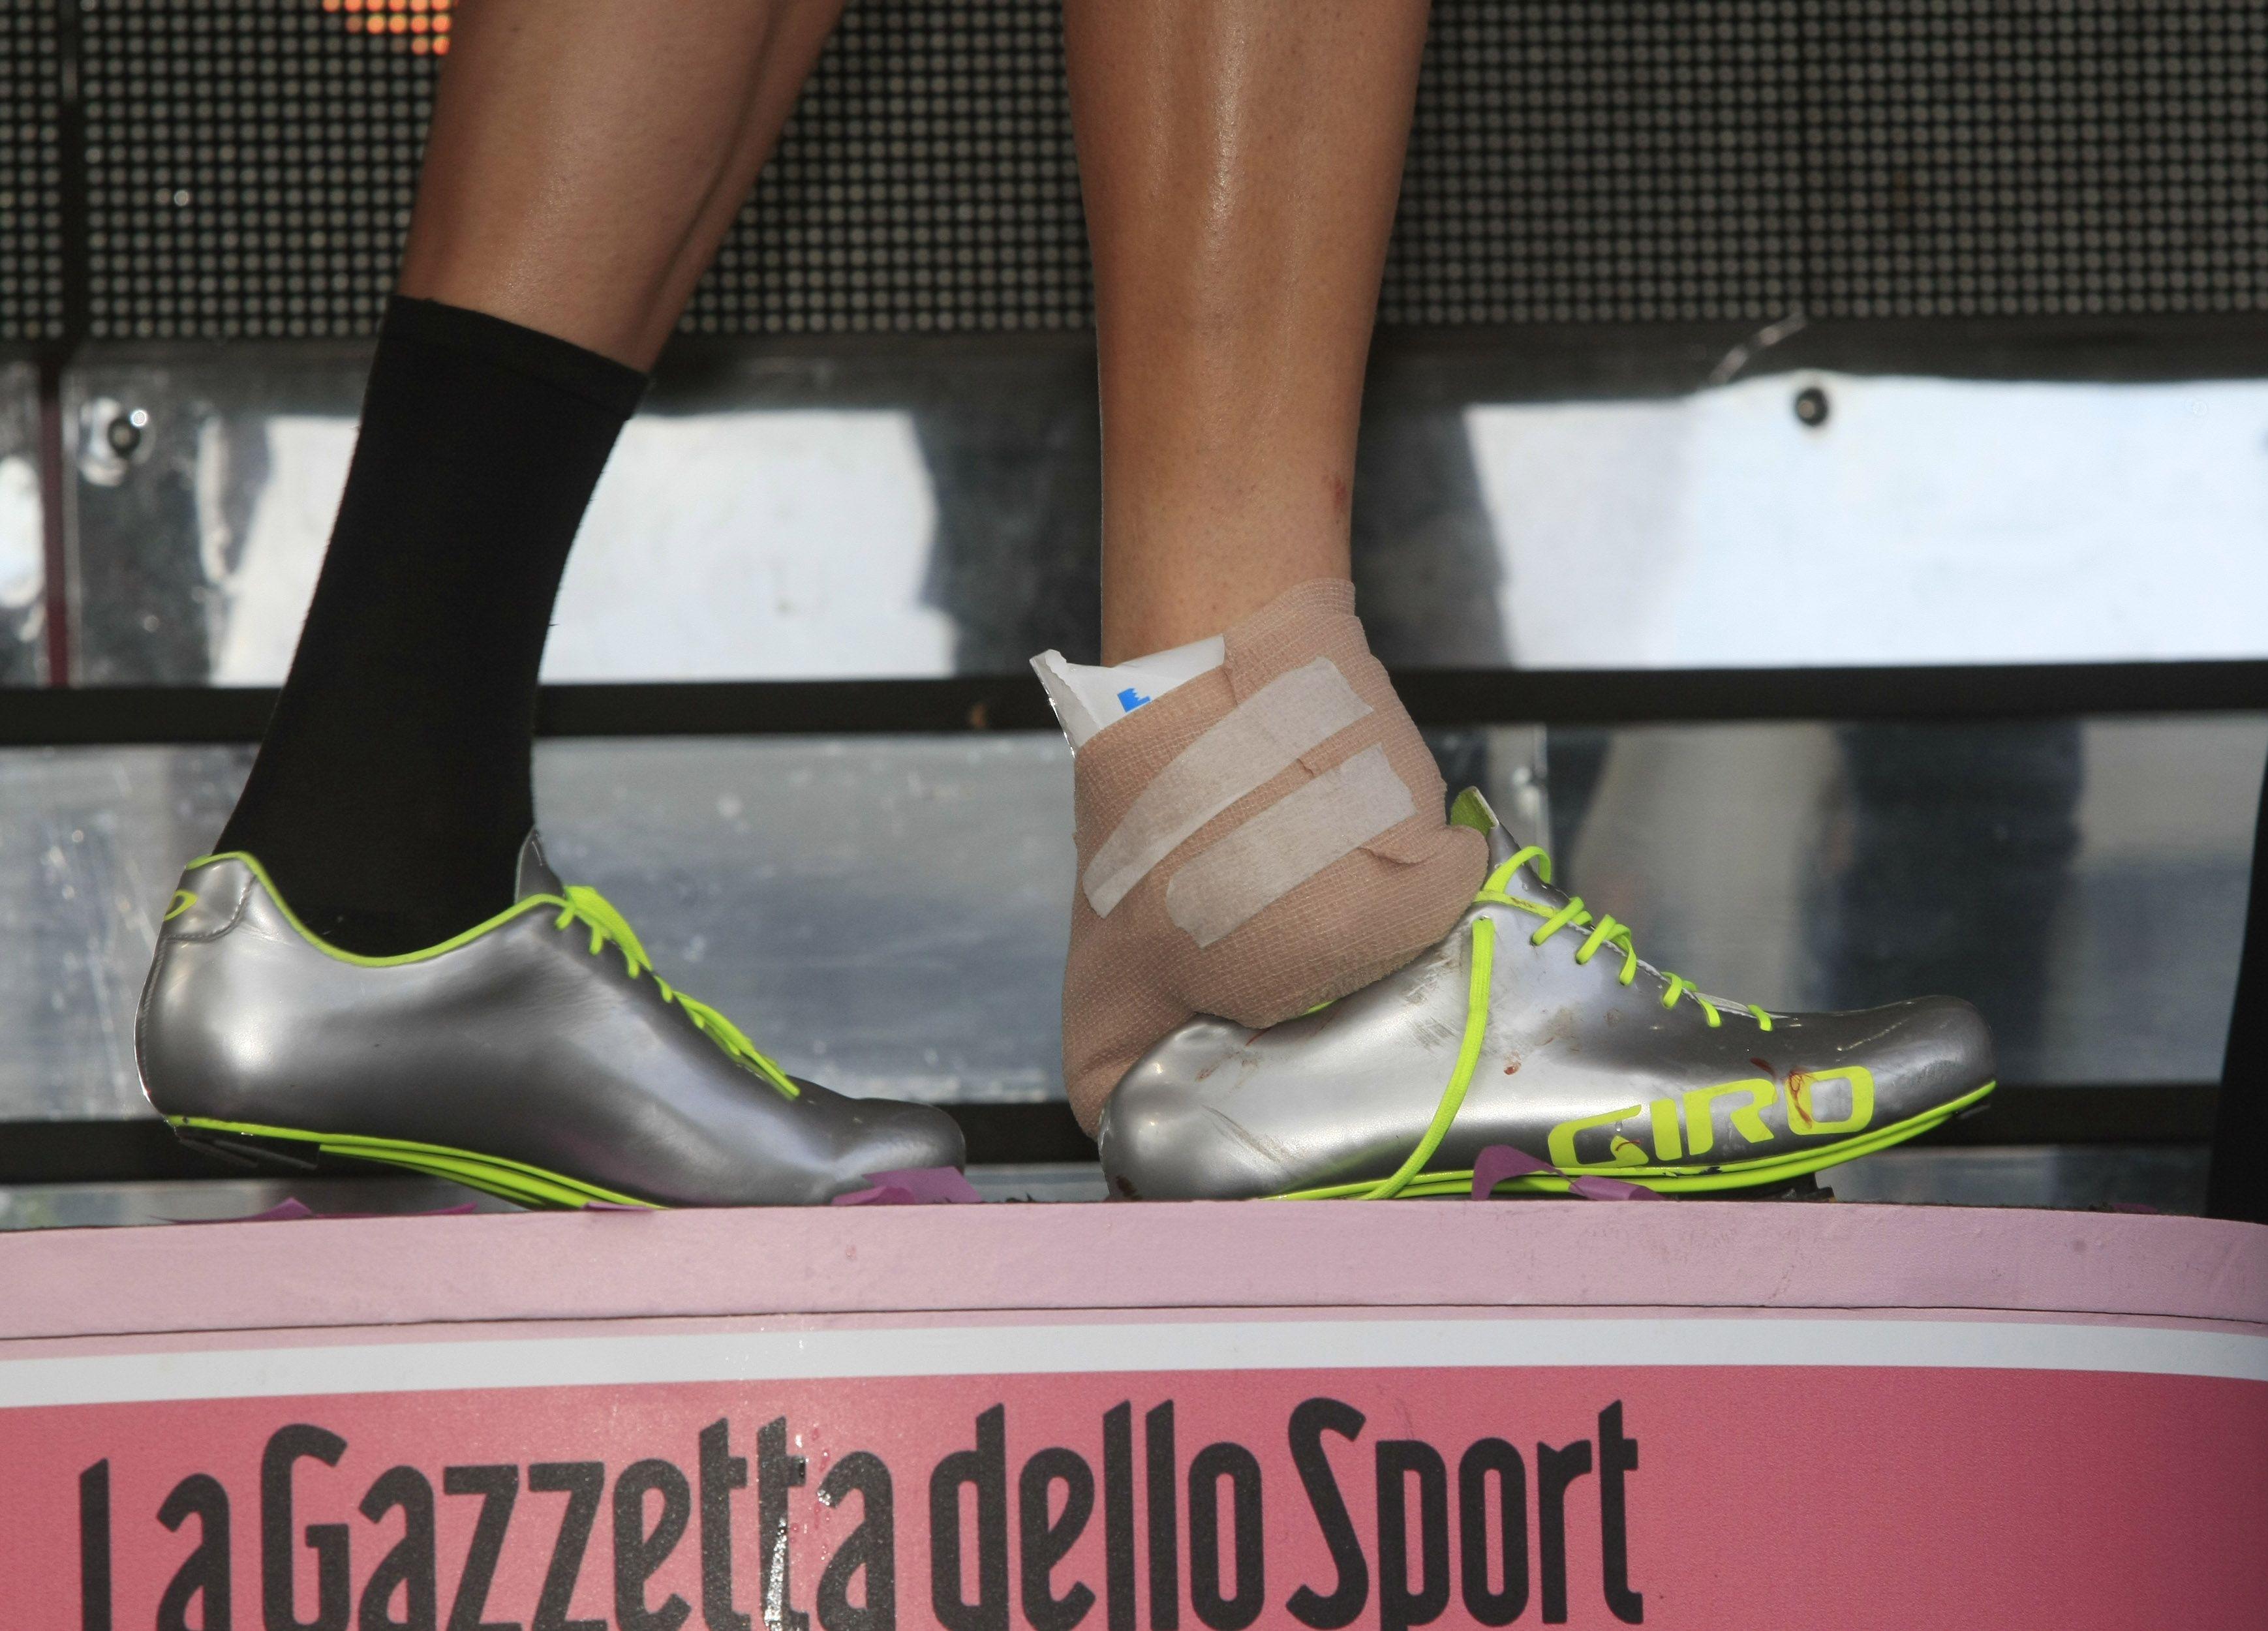 BEGYNNELSEN: Taylor Phinney syklet Giroen 2011 med den første utgaven av Giro Empire, og dermed var trenden startet. Foto: Cor Vos.